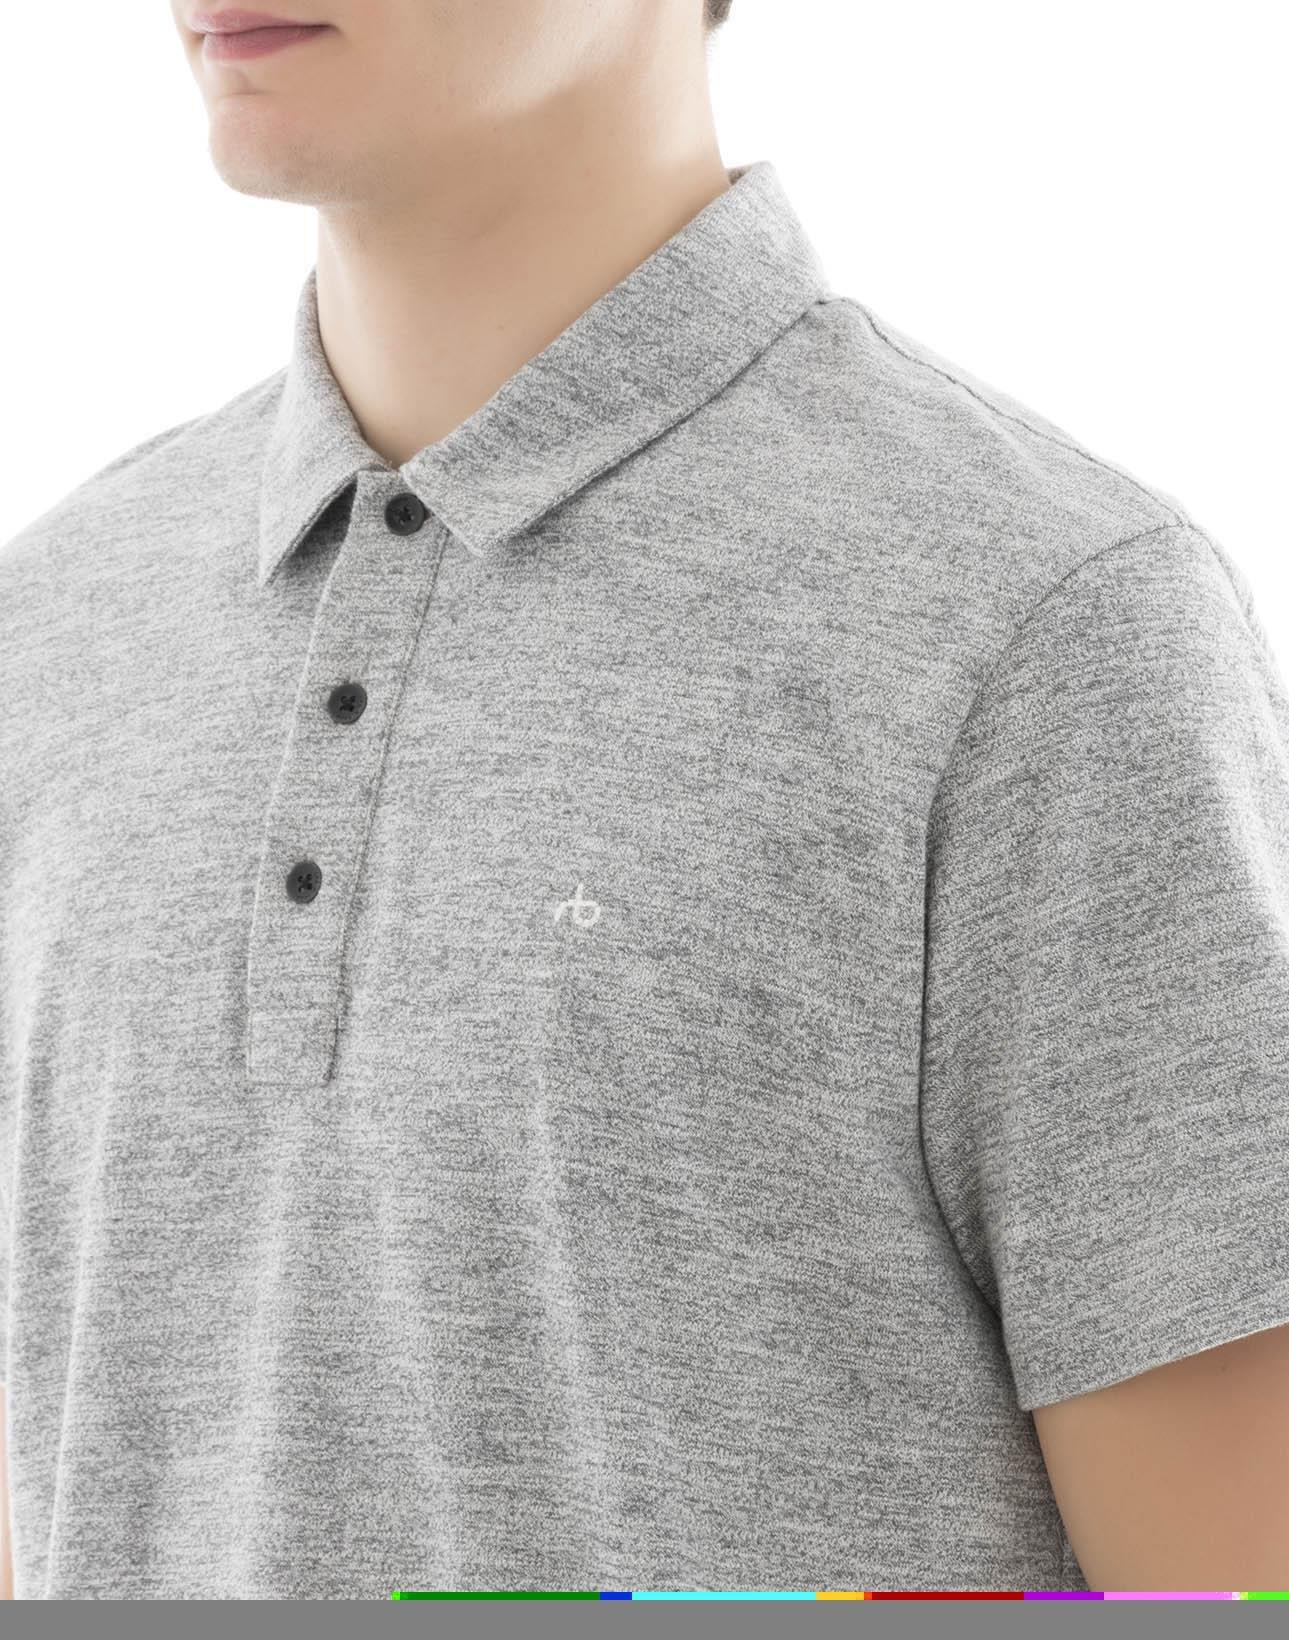 rag & bone Men's M000t076c030 Grey Cotton Polo Shirt by rag & bone (Image #4)